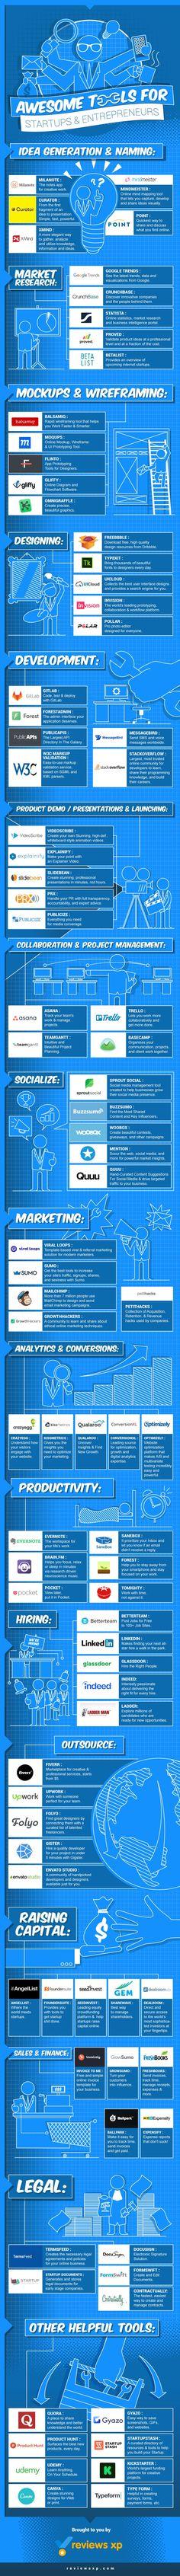 Alcuni tool di webdesign e sviluppo #webmarketing